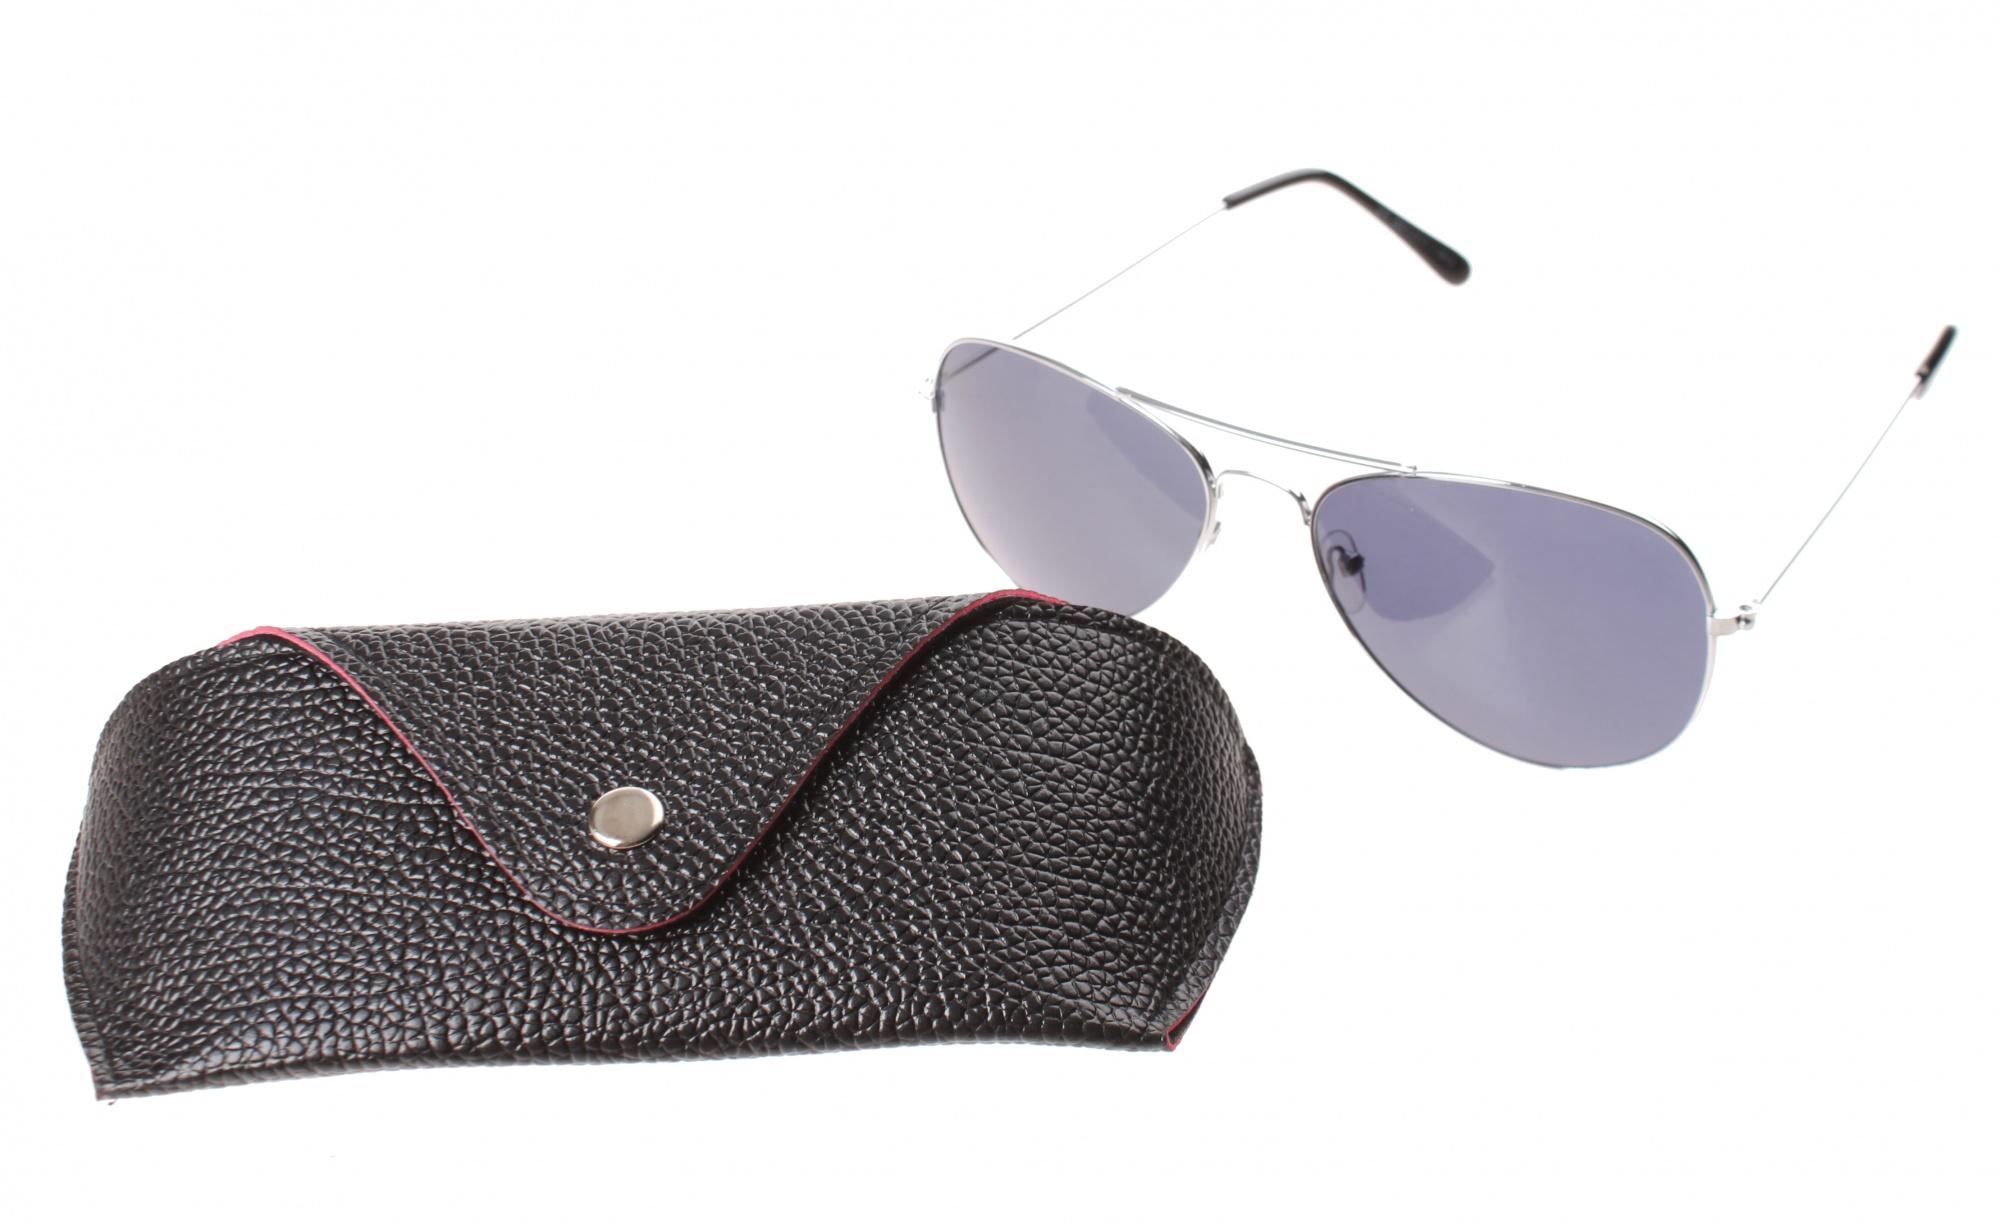 44957f16e96d4e Lifetime-Vision zonnebril unisex zilver met zwarte lens - Giga-Bikes ...